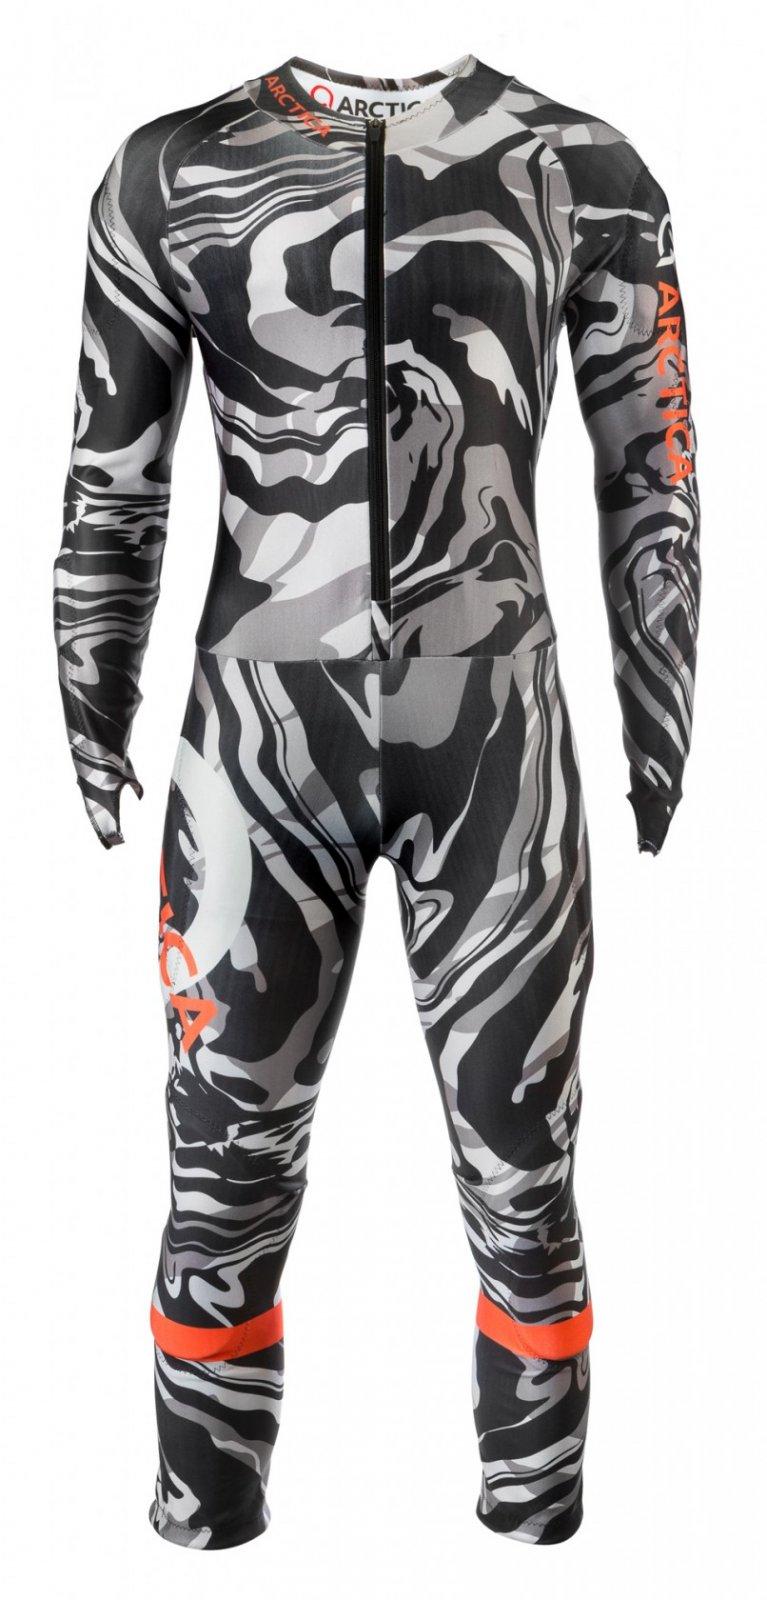 Arctica Adult Marble GS Suit